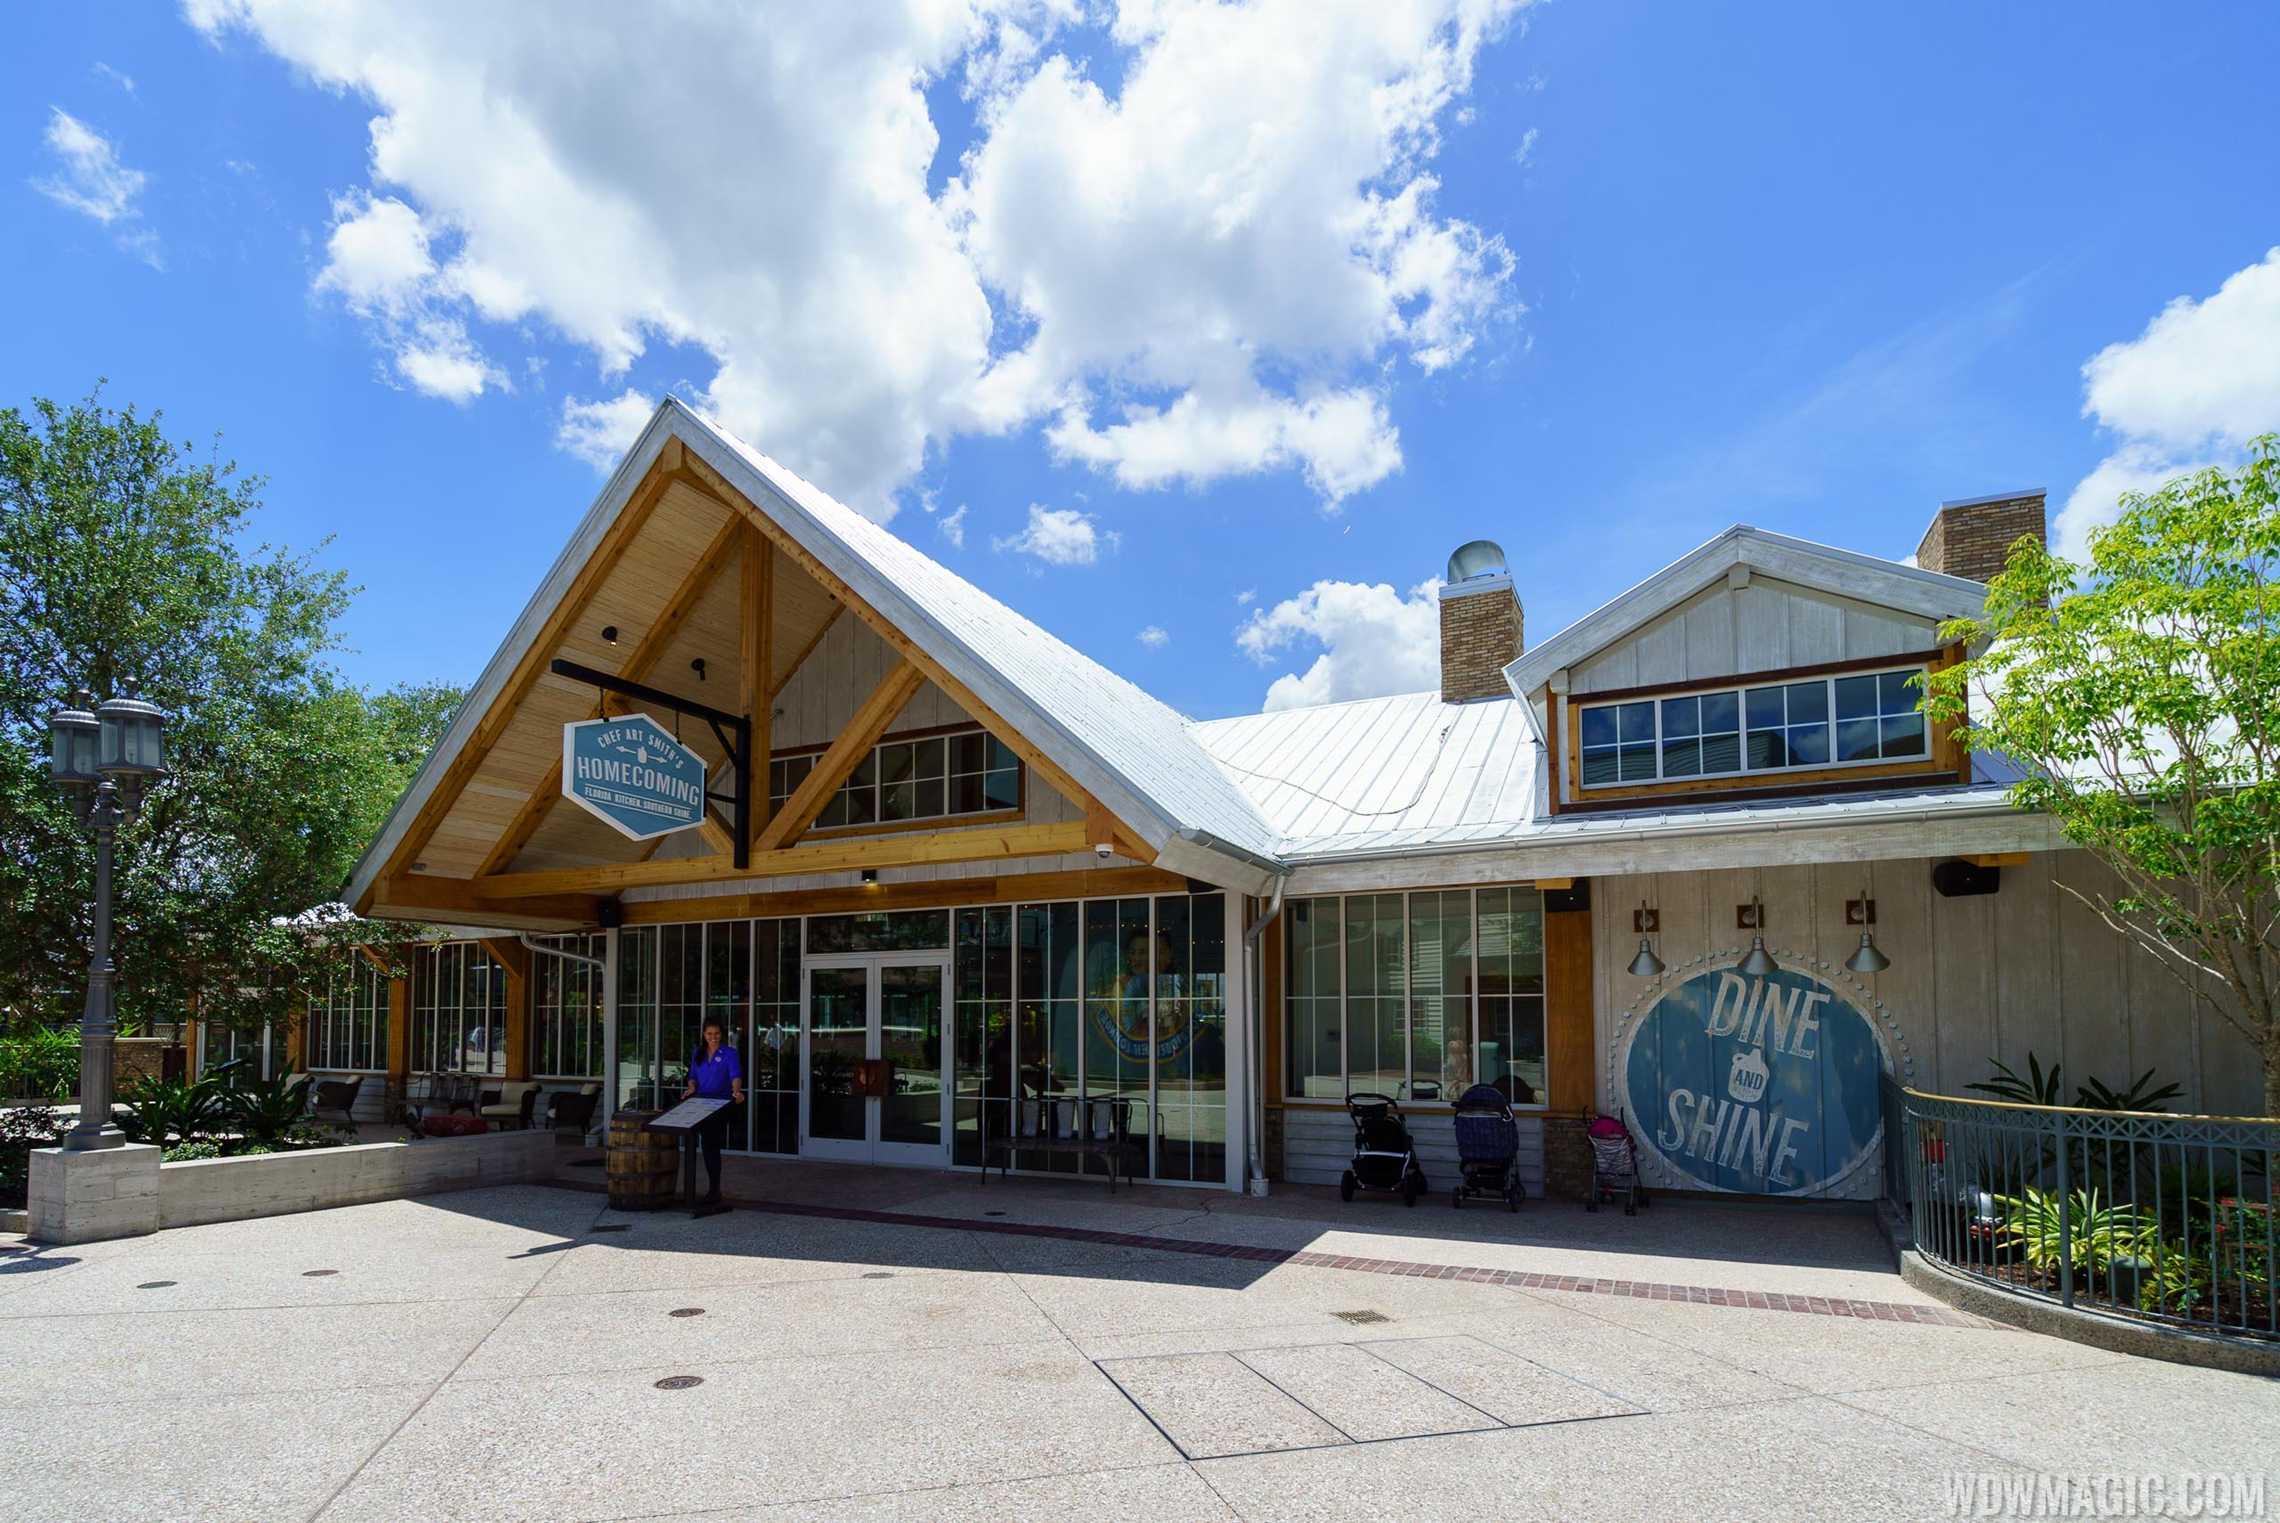 Homecoming: Florida Kitchen and Shine Bar at Disney Springs